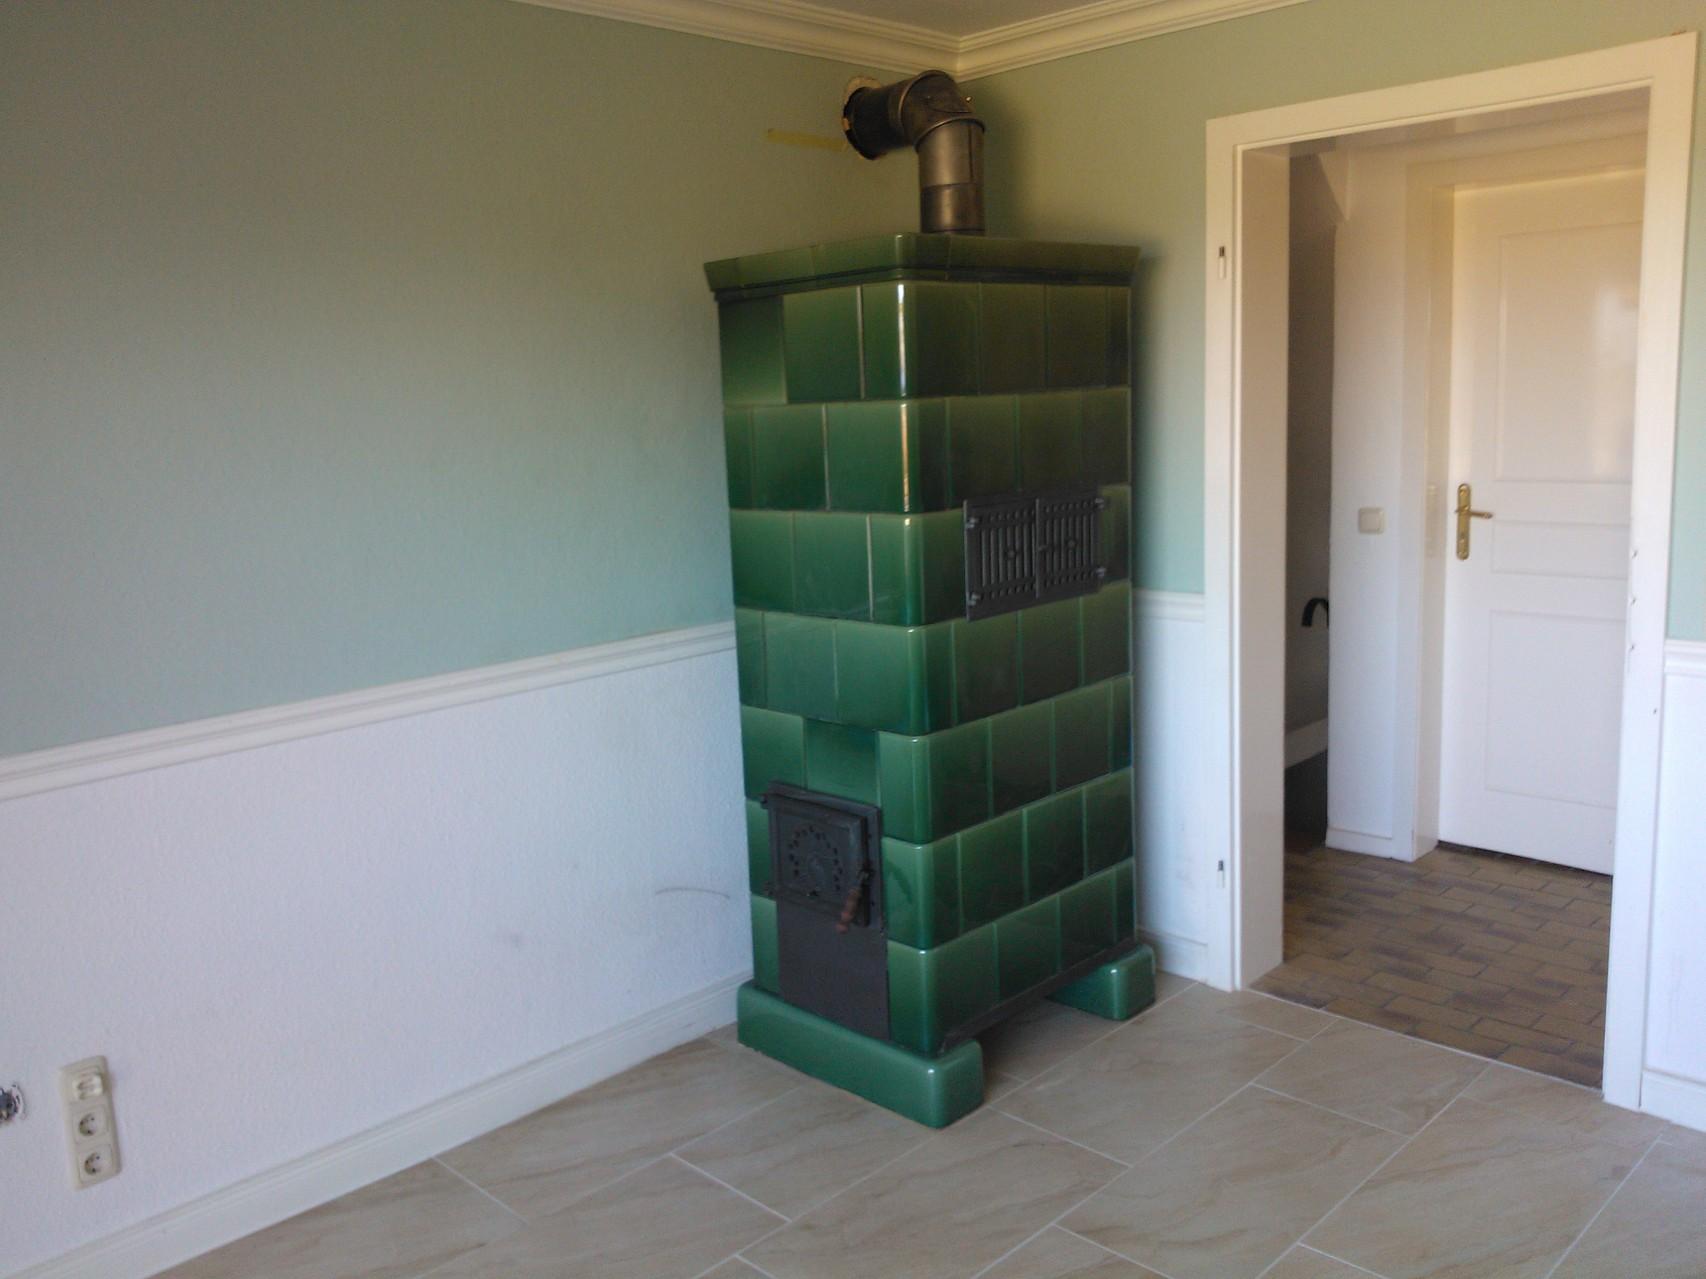 kamine kachel fen sylt kamine stefanescu ltd. Black Bedroom Furniture Sets. Home Design Ideas